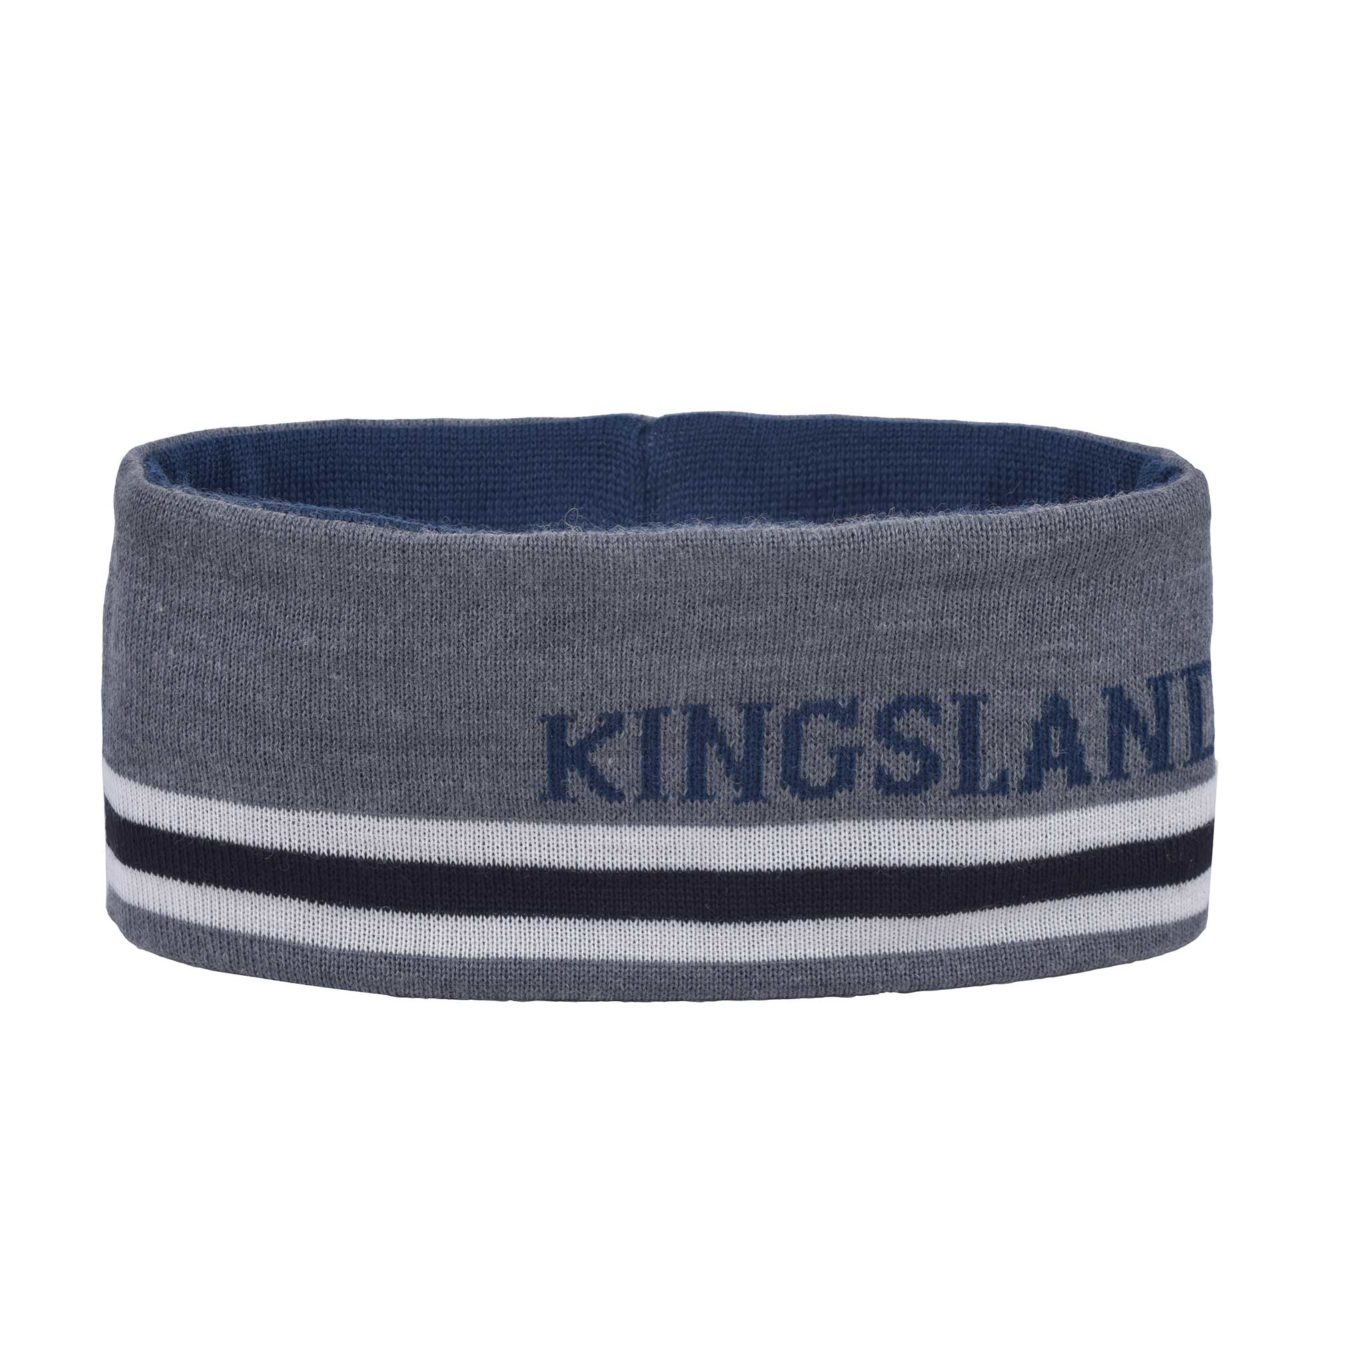 Banda de punto reversible Unisex modelo Maddox Color Azul de Kingsland